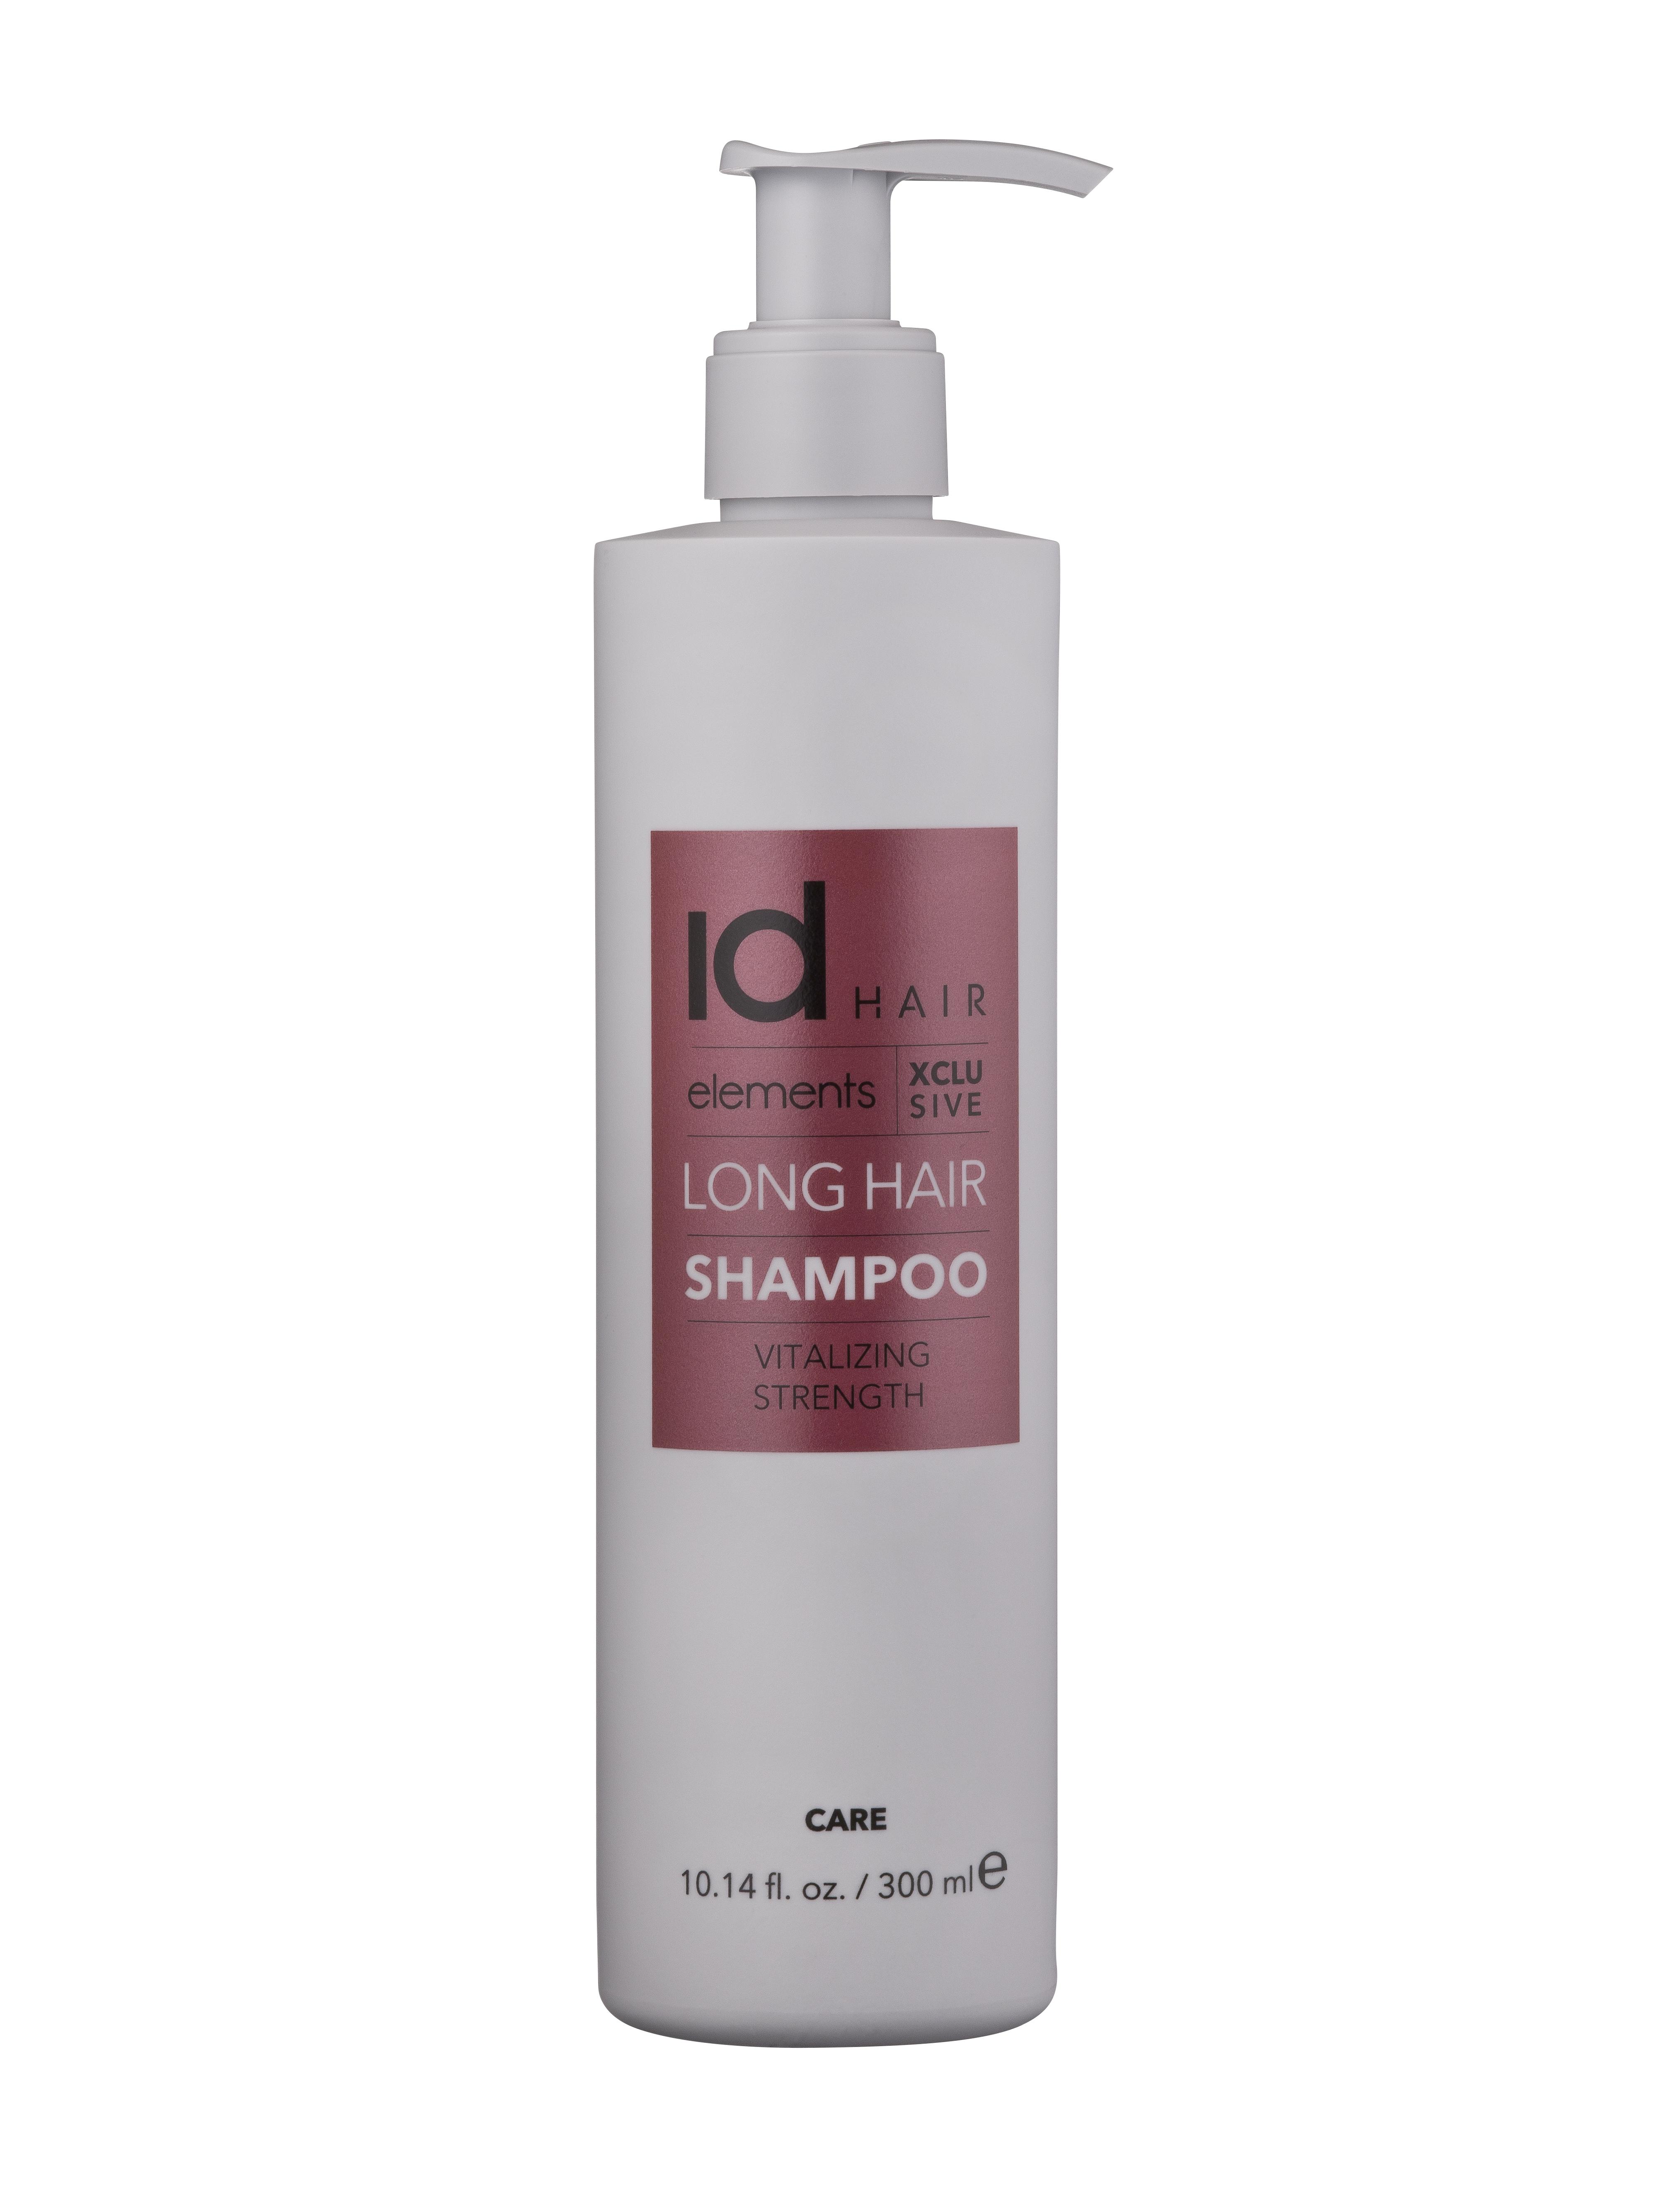 IdHAIR - Elements Xclusive Long Hair Shampoo 300 ml